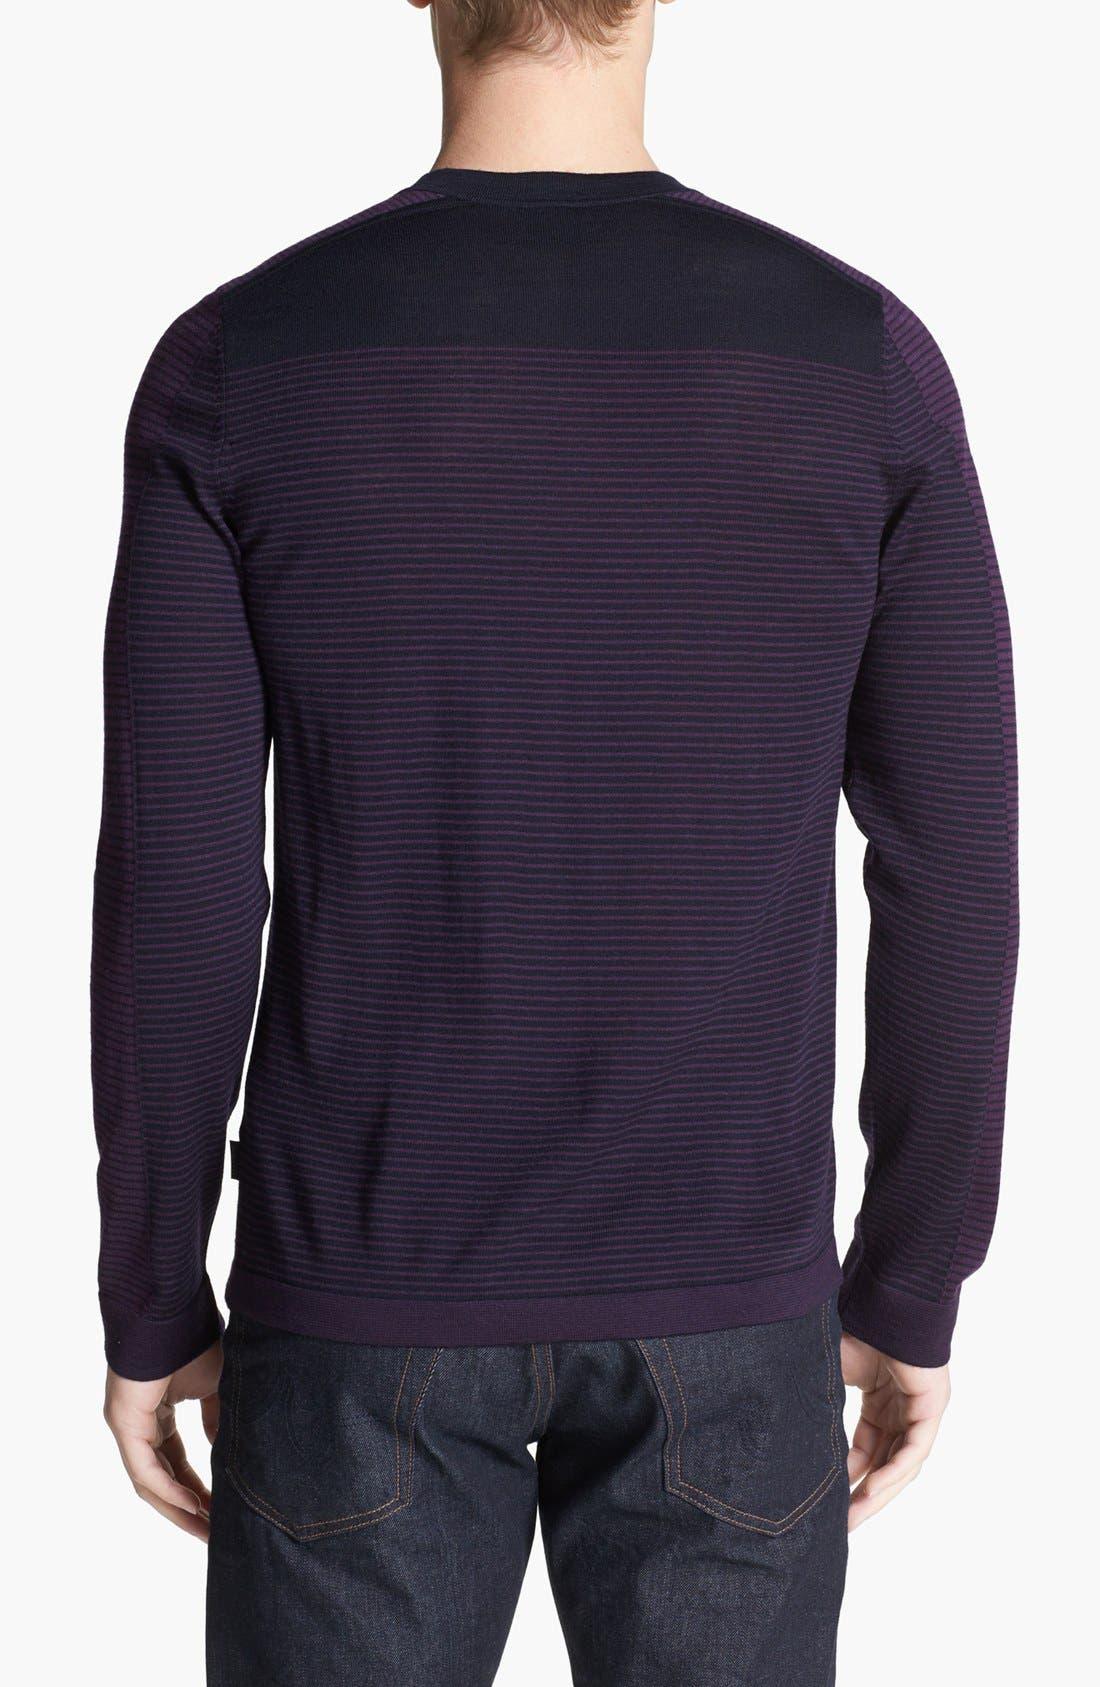 Alternate Image 2  - BOSS HUGO BOSS 'Merro' Merino Wool Sweater